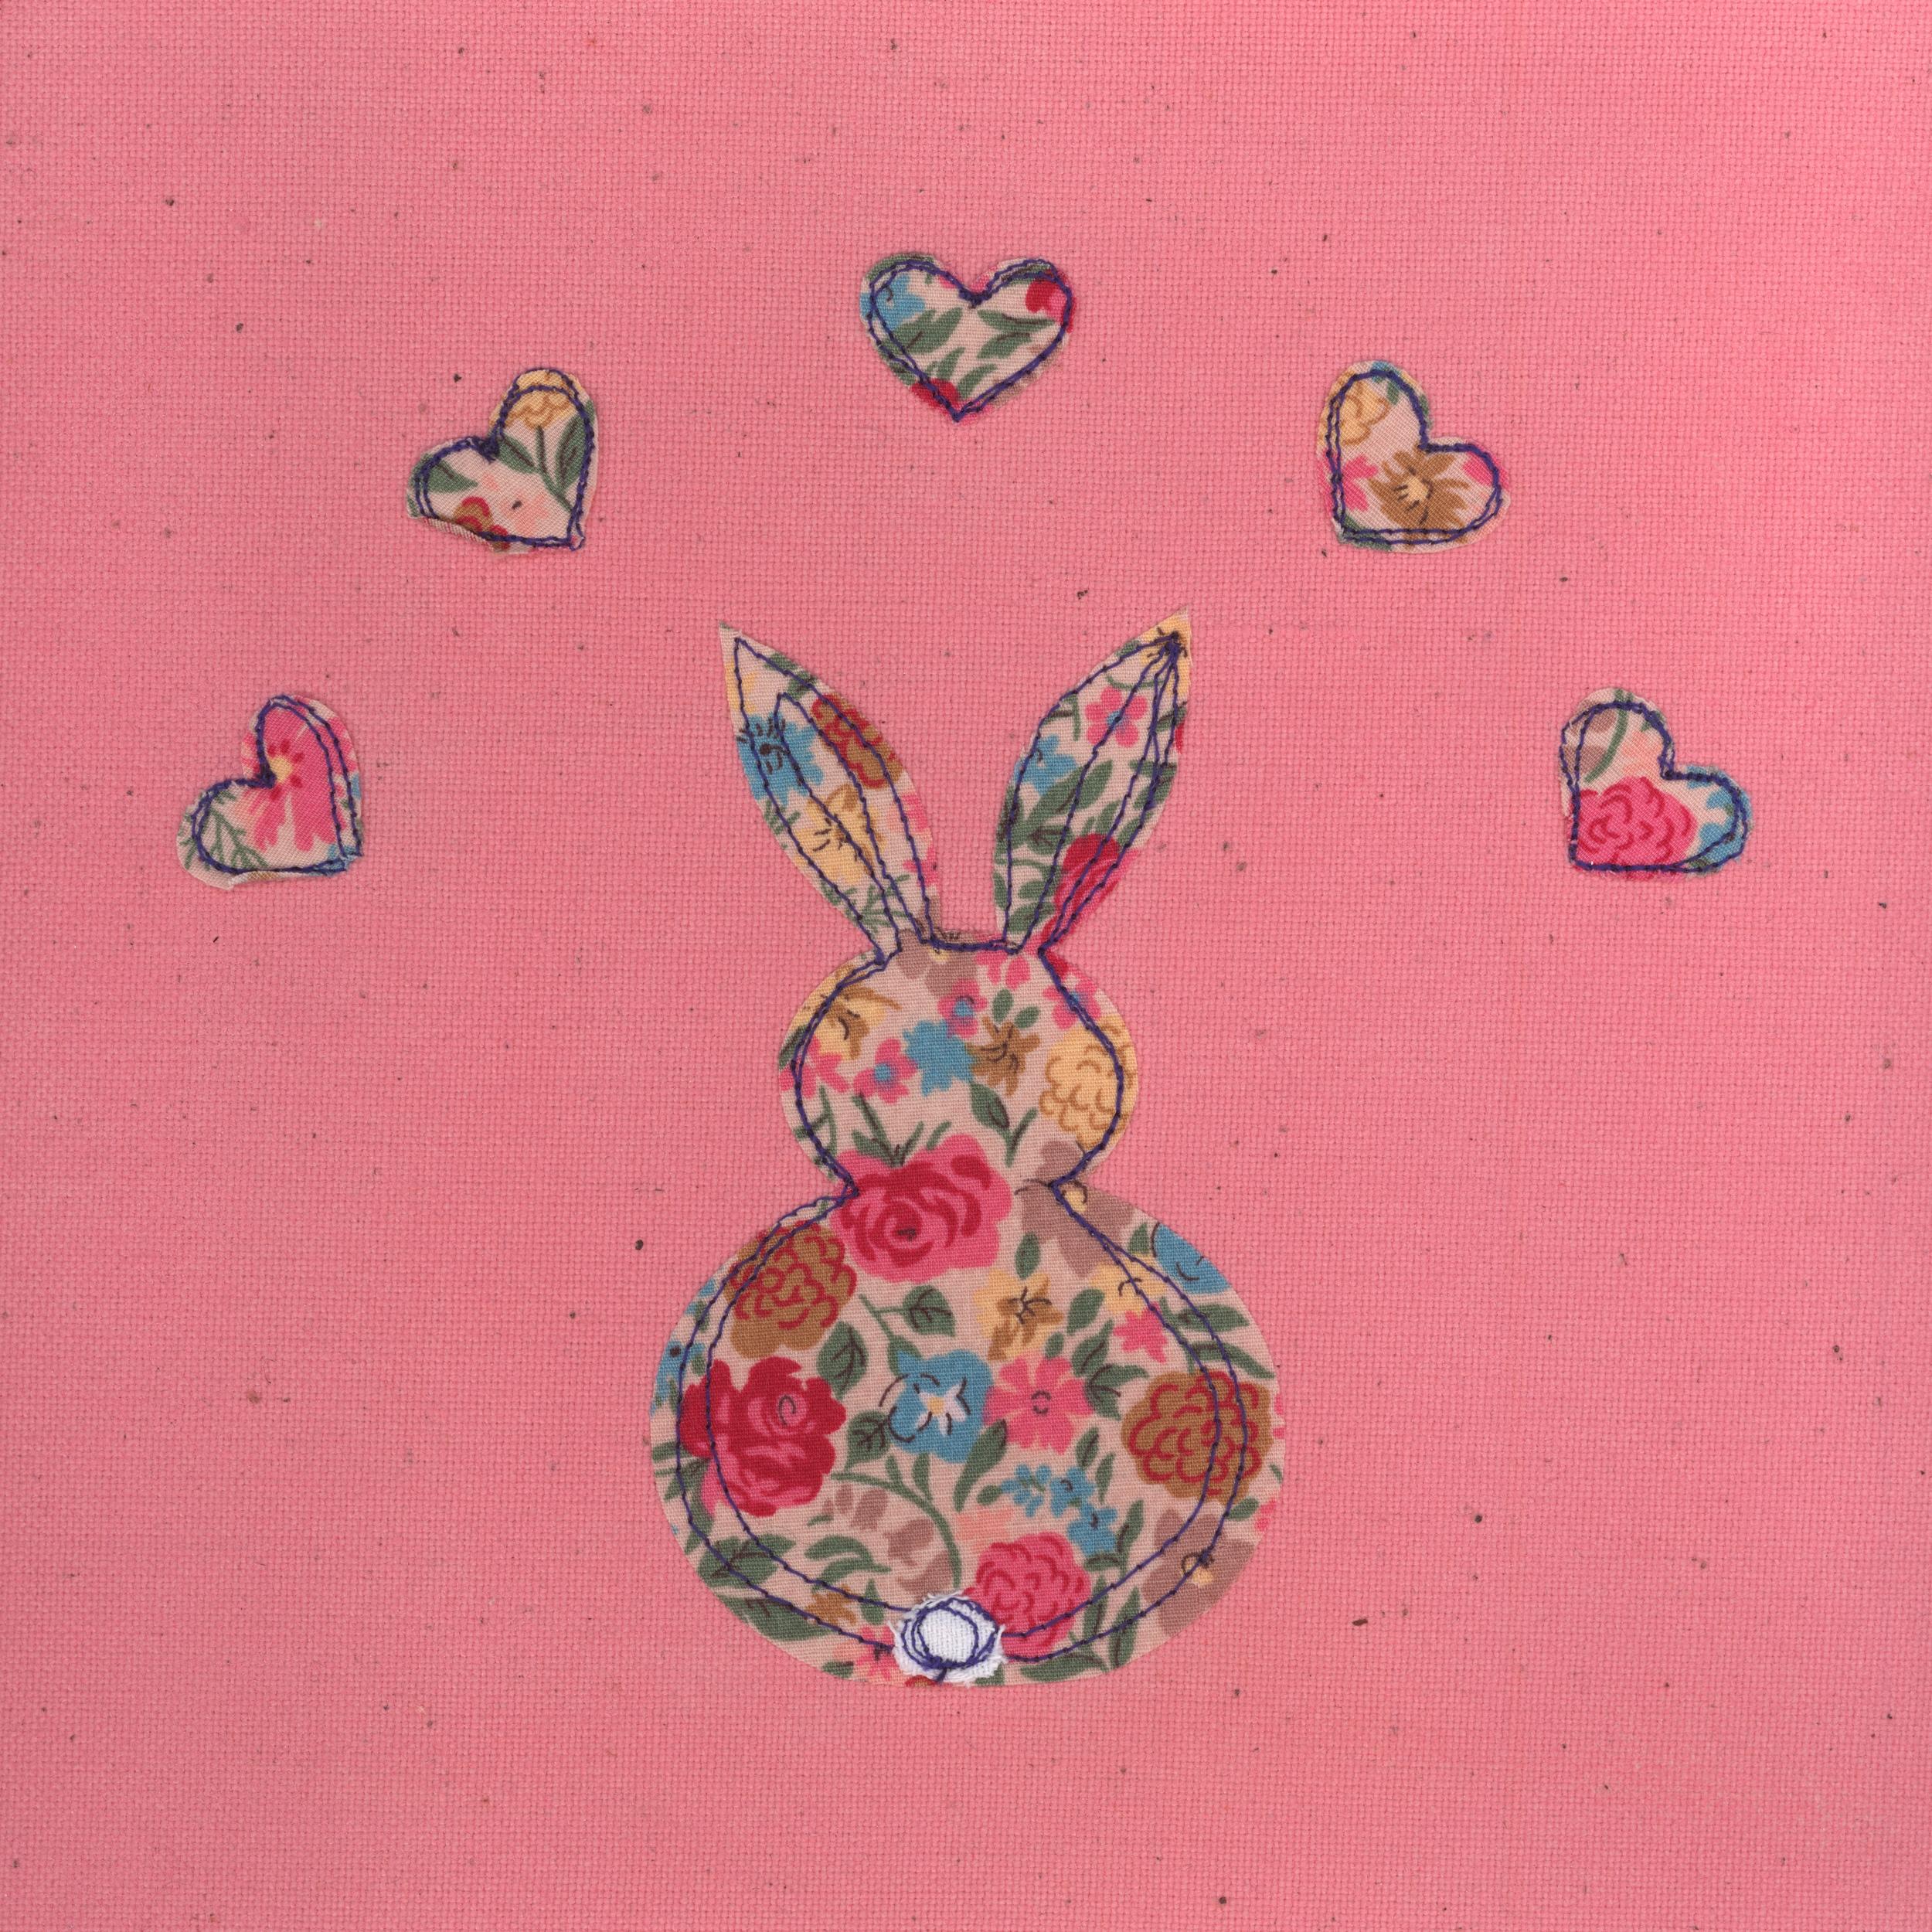 Bunny - £20 +p&p